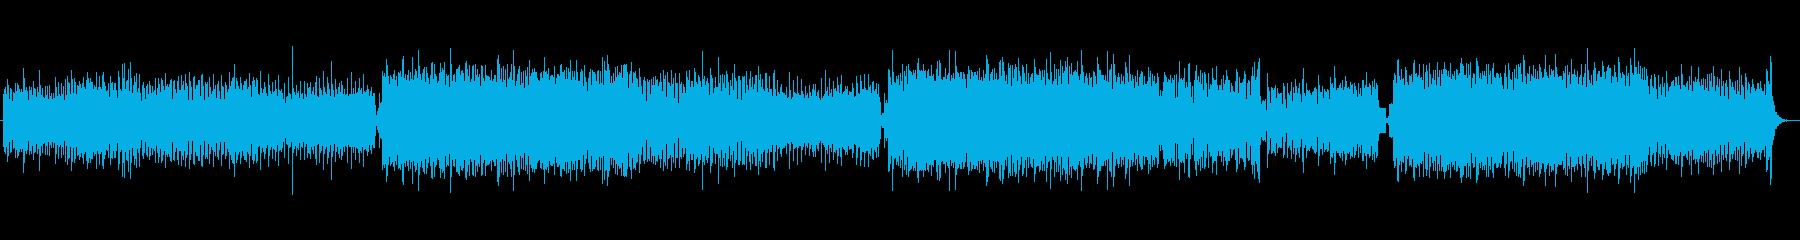 明るくポップで爽快な四つ打ちBGMの再生済みの波形